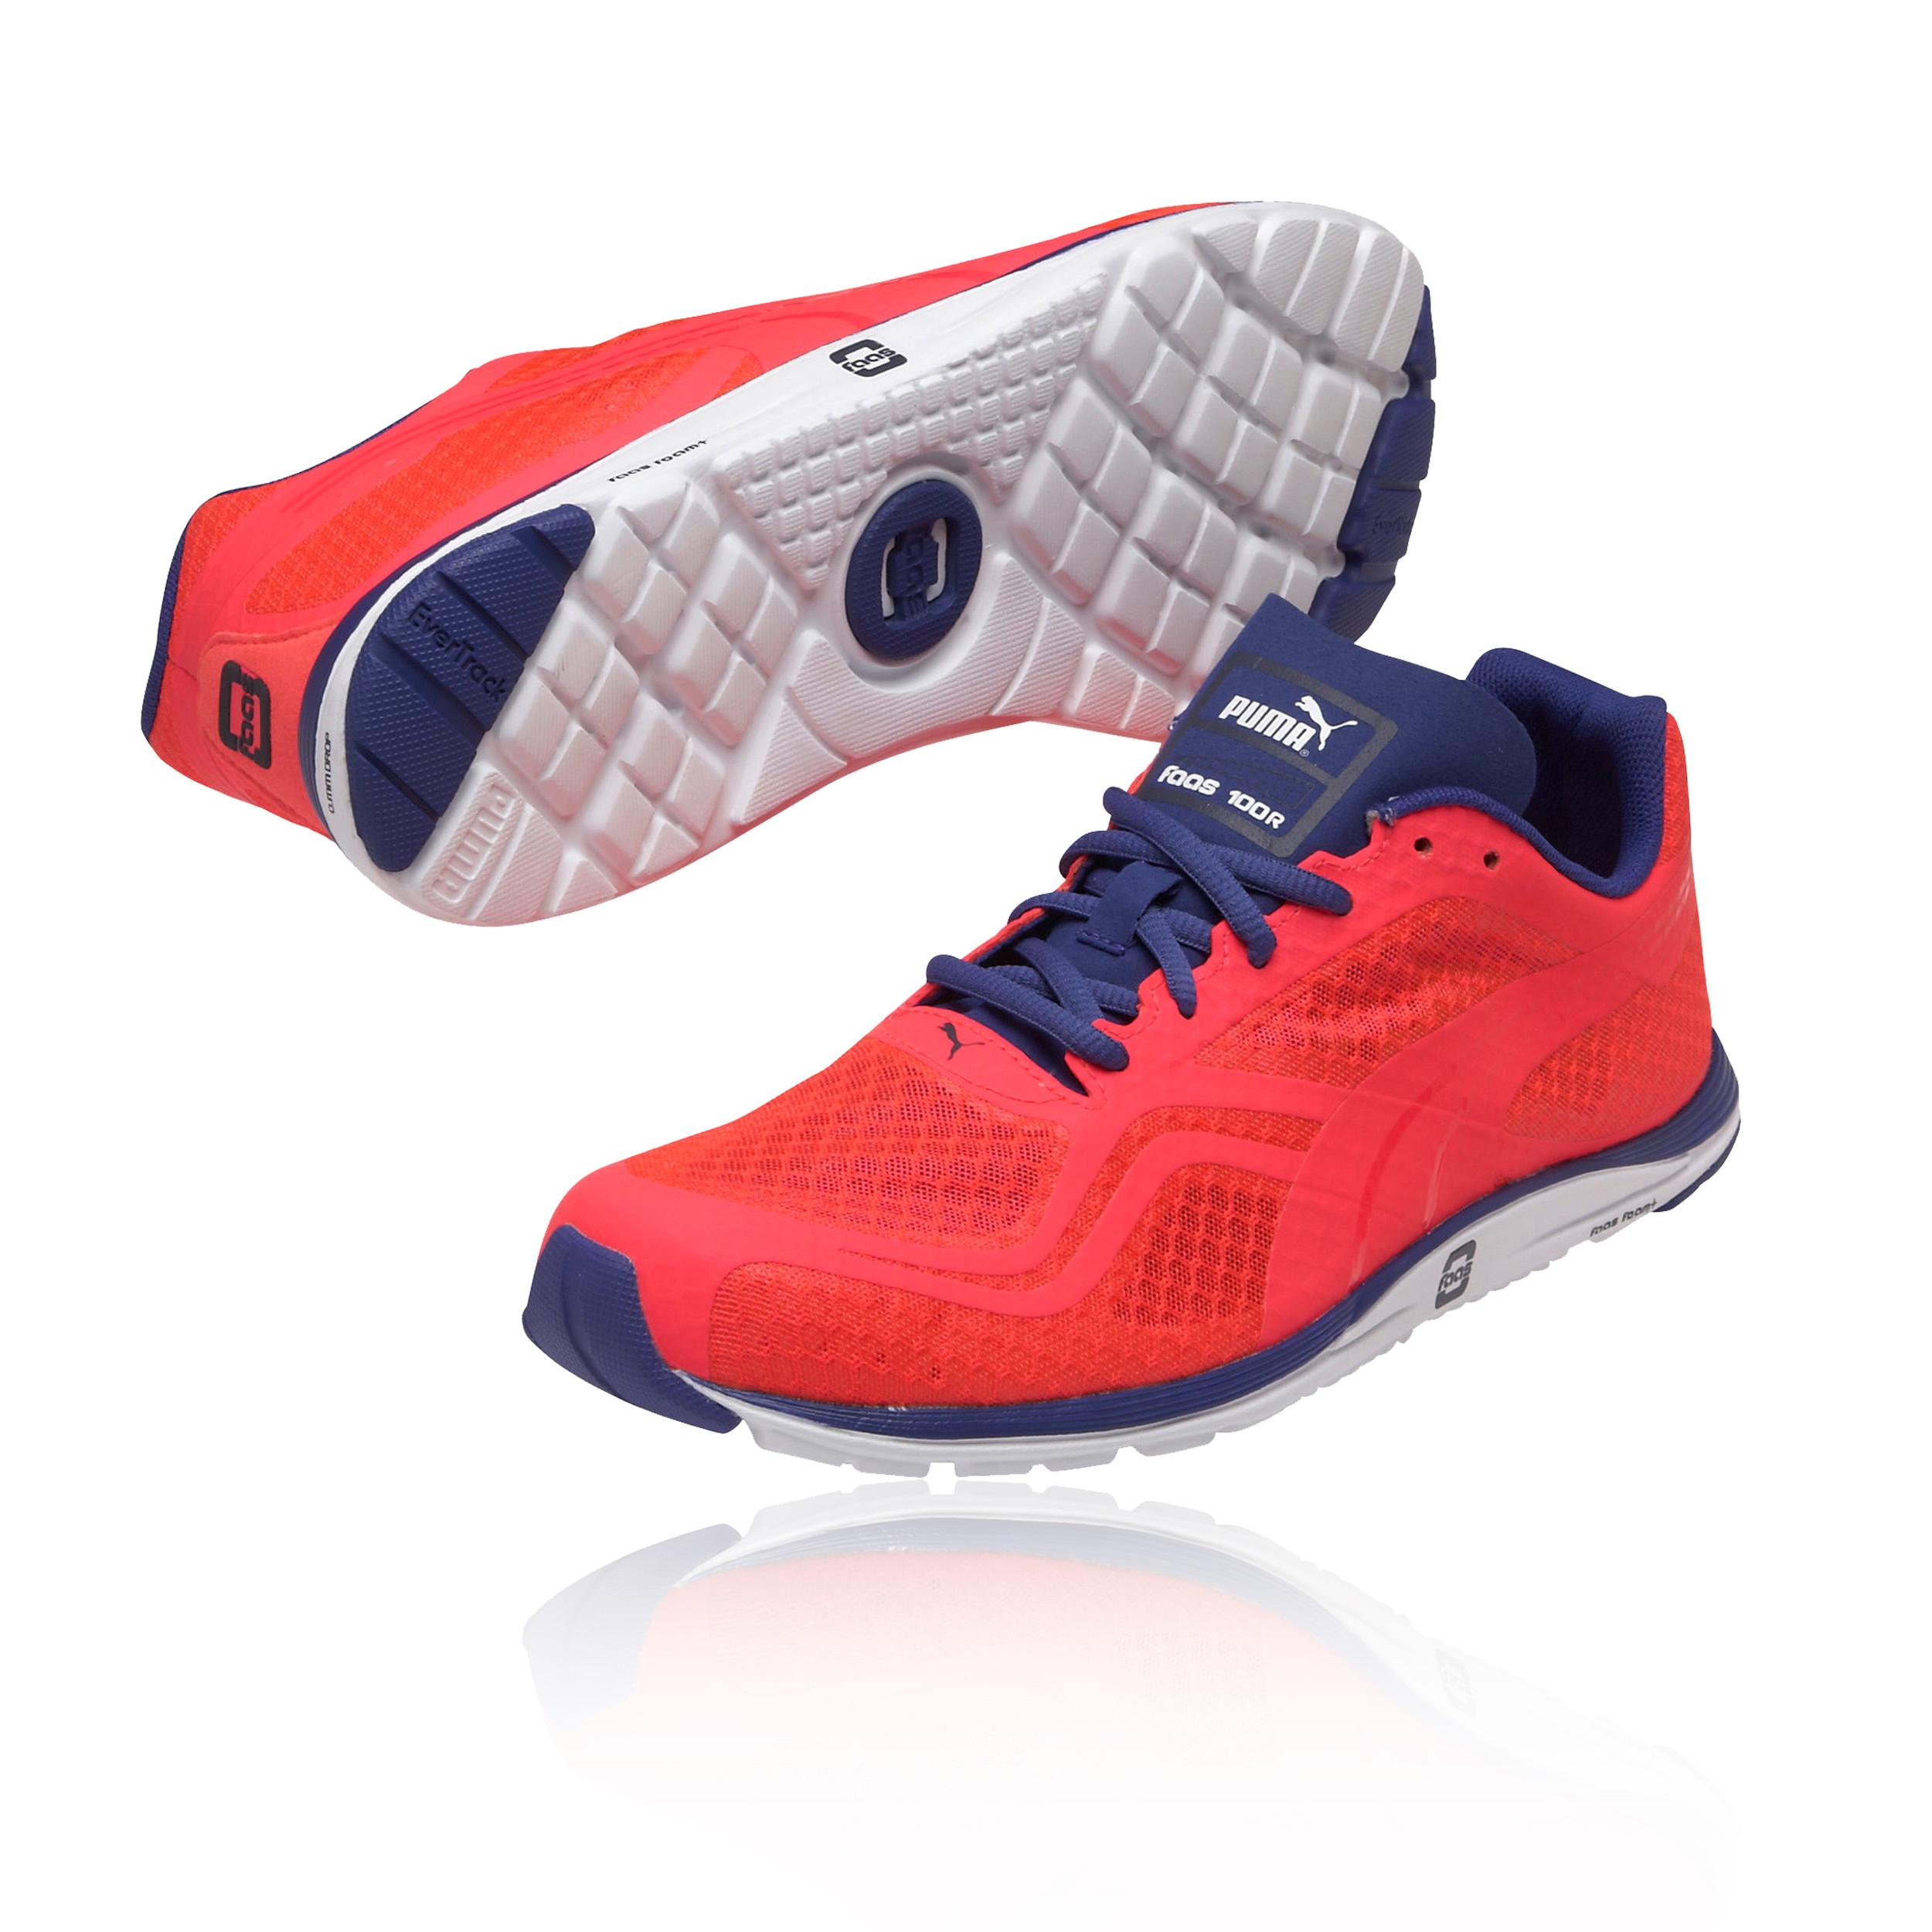 Puma Faas  R Running Shoes